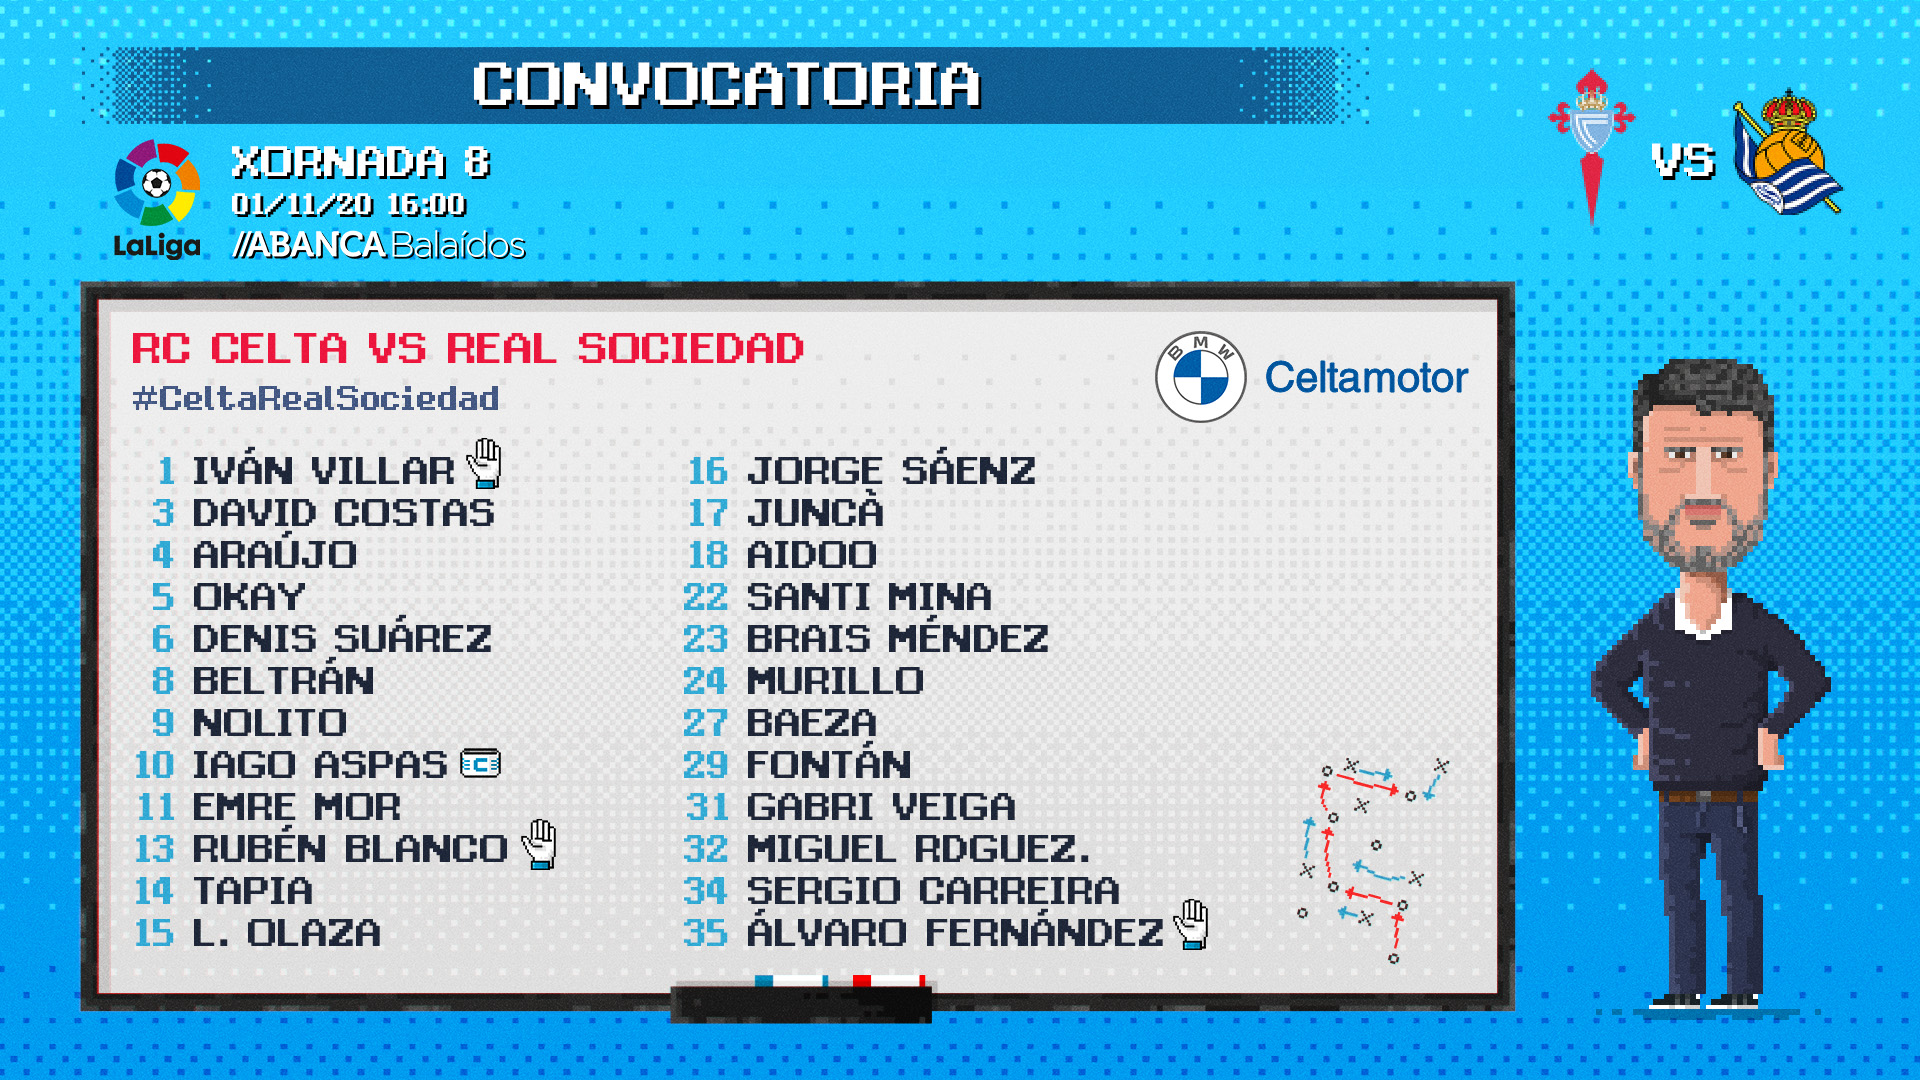 CONVOCATORIA CELTA REAL SOCIEDAD 311020